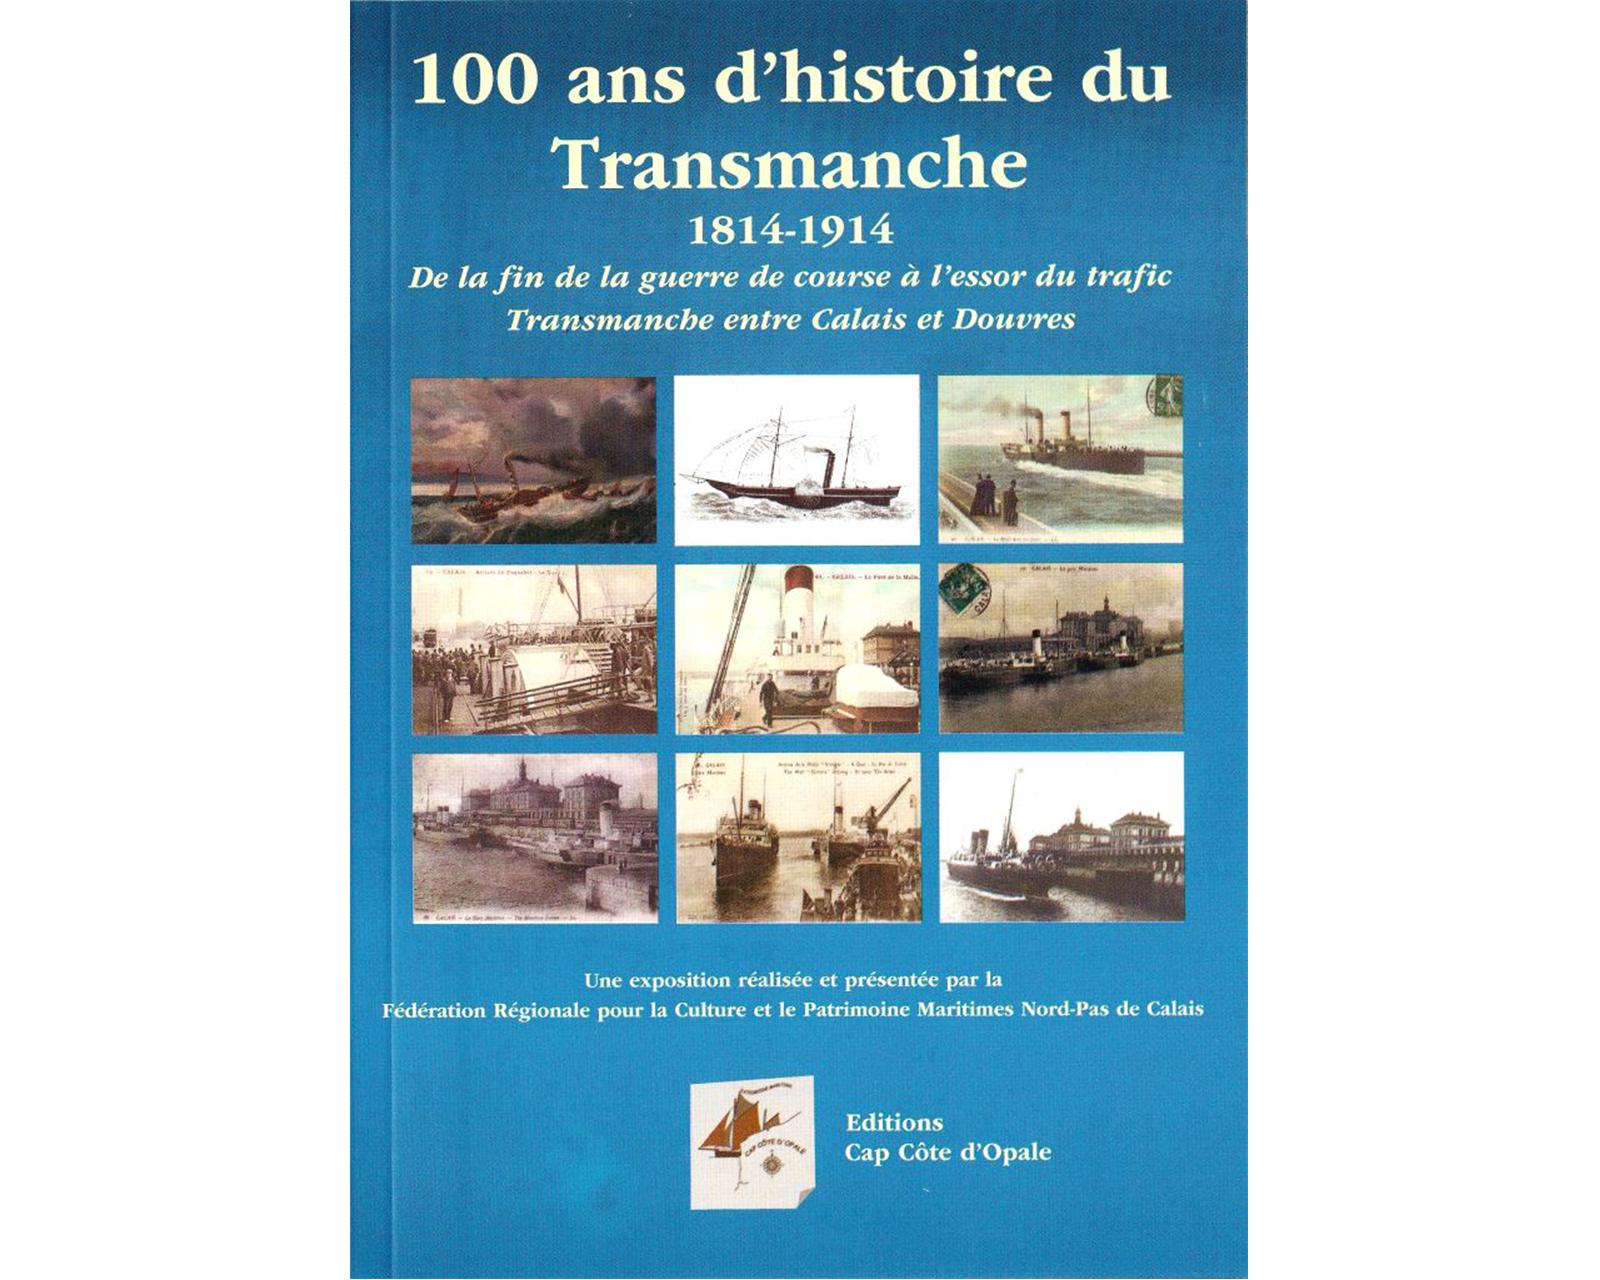 100 ans d'histoire du Transmanche, Calais 1814-1914